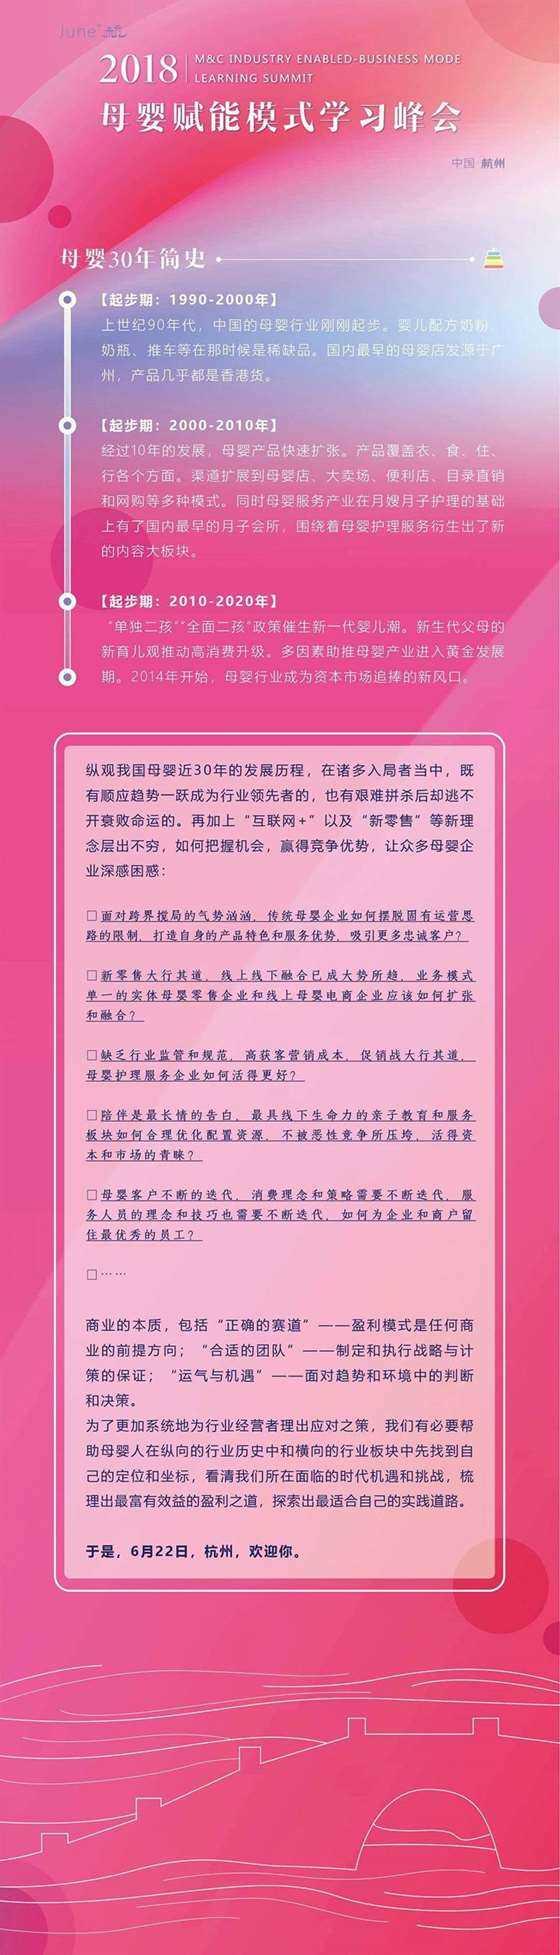 优悦荟长图_画板-1_02.gif